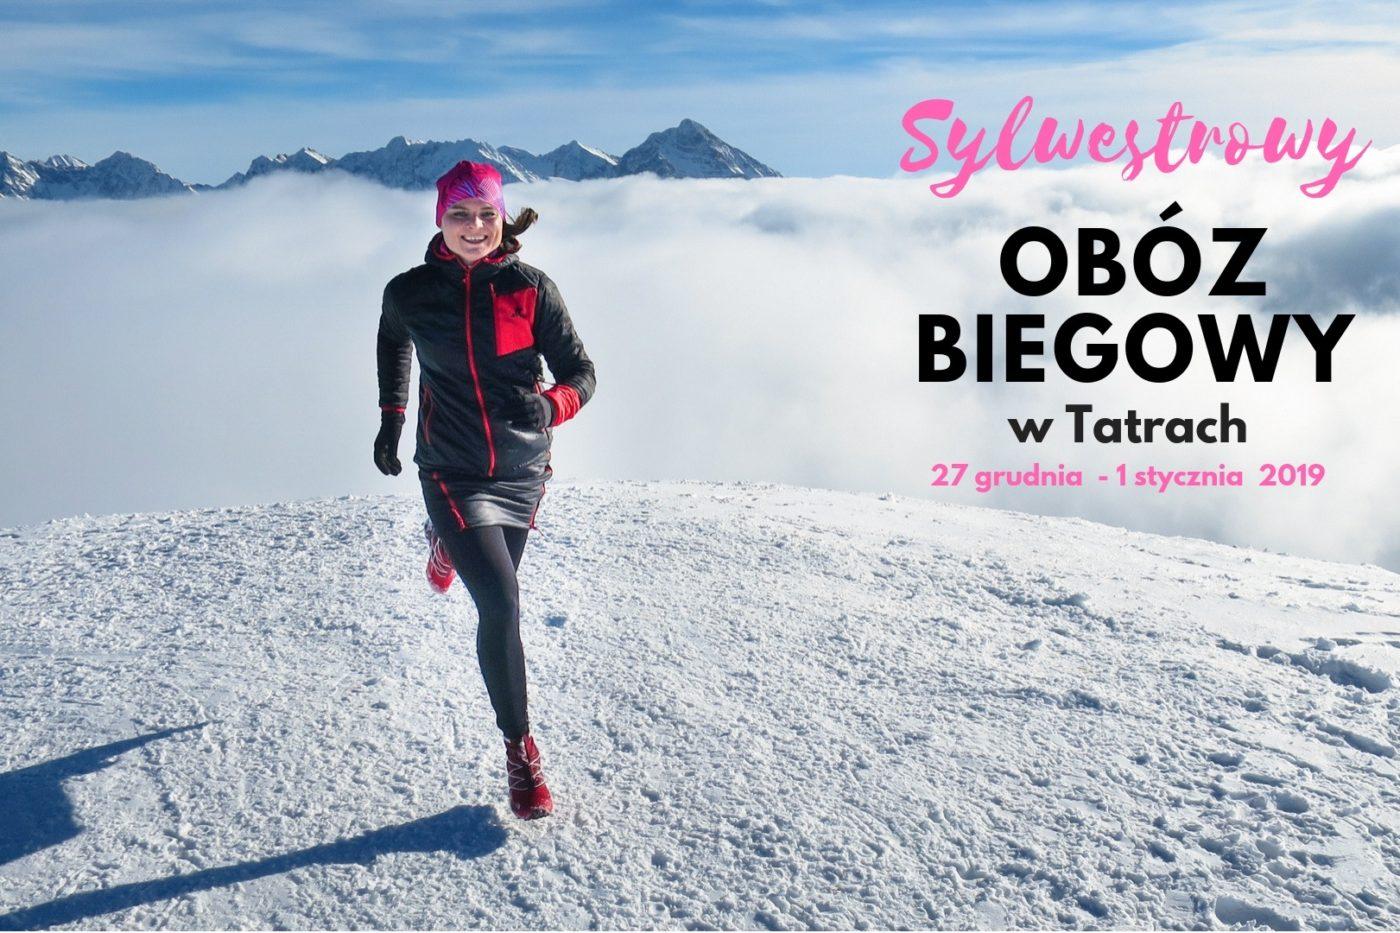 Sylwestrowy obóz biegowy w Tatrach